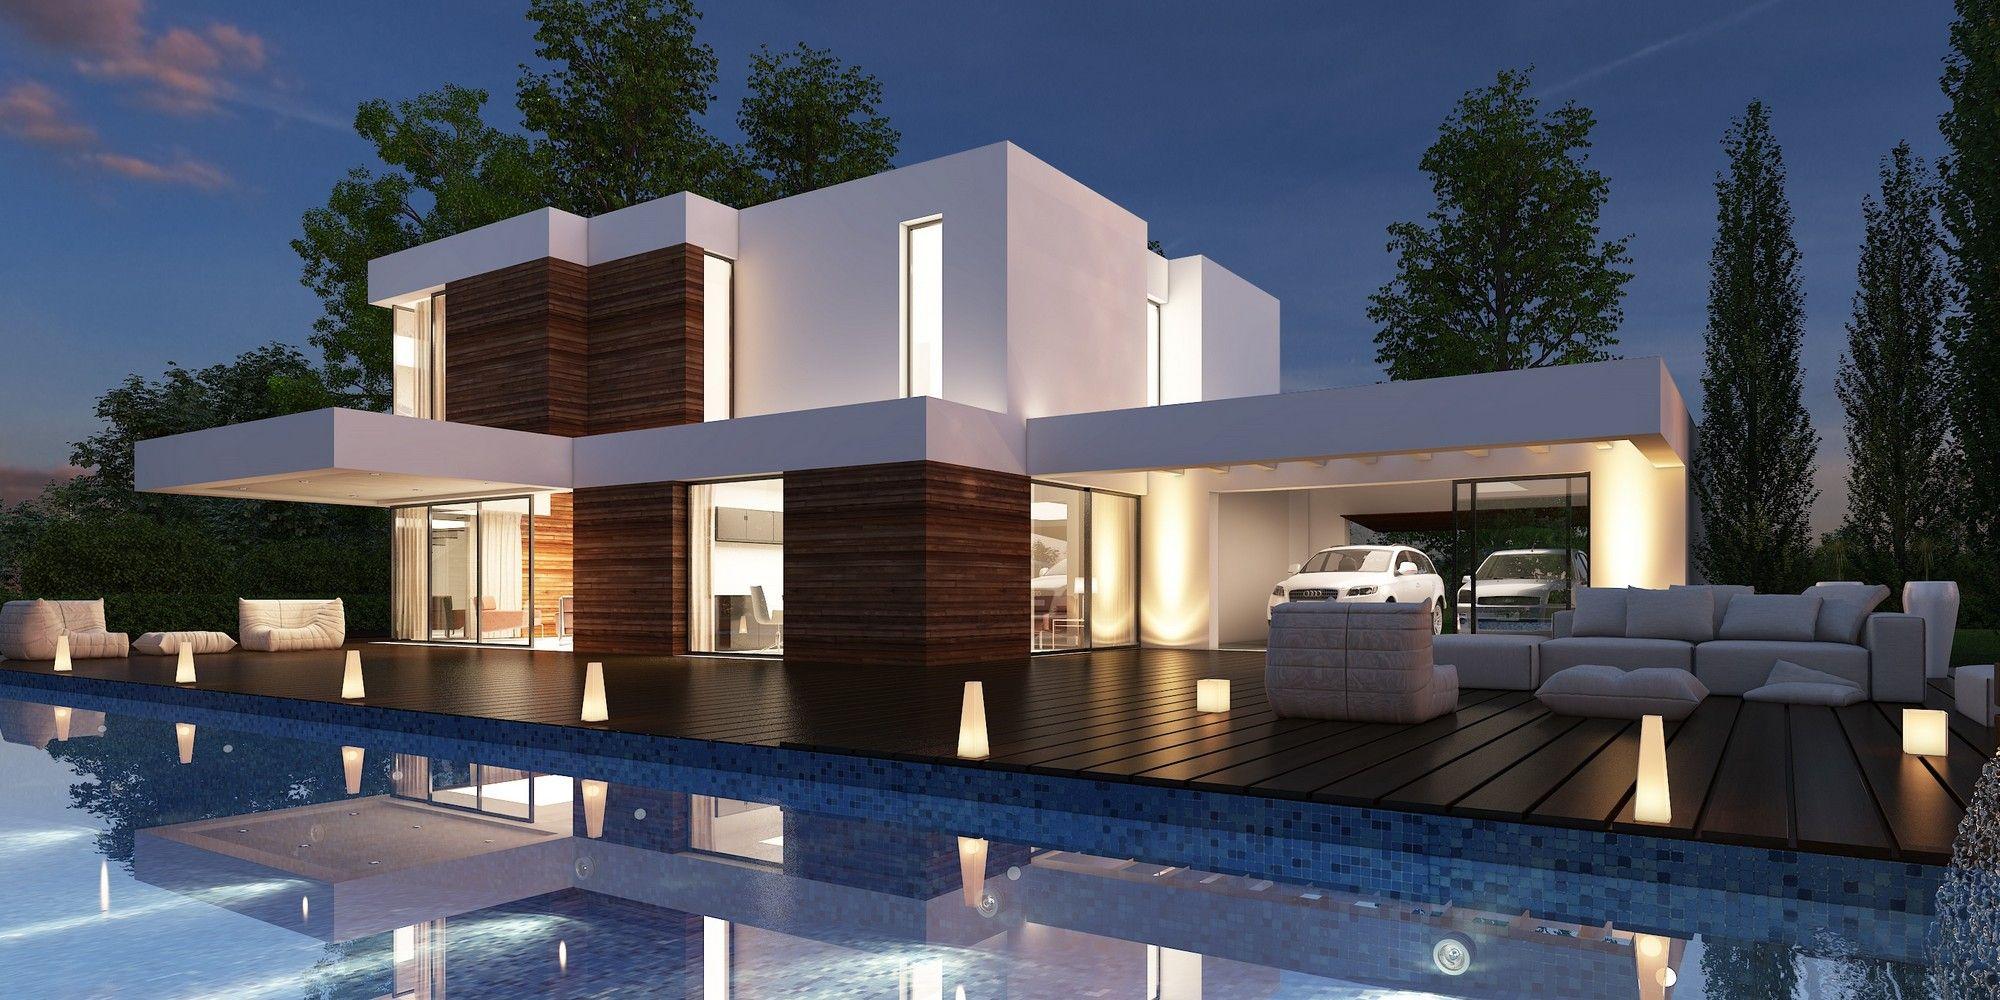 Casas modernas planos proyectos y construccion de casas - Construccion casas de campo ...